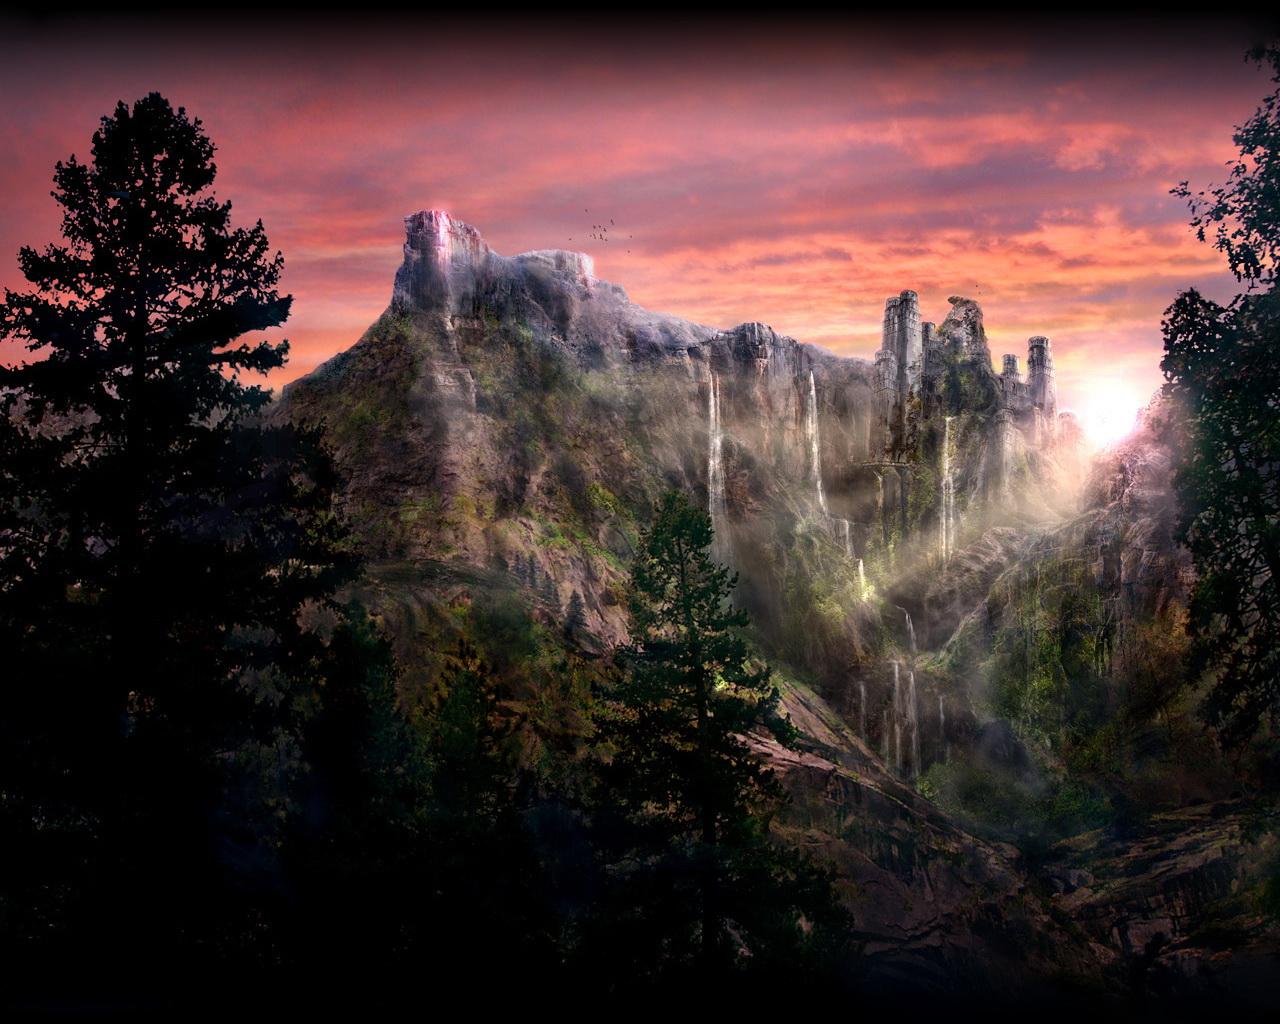 http://3.bp.blogspot.com/-YN9NV4te_fA/Tgl6bHKtRaI/AAAAAAAAAHA/MZOdiyImbdY/s1600/Nature+Beauty+%252828%2529.jpg